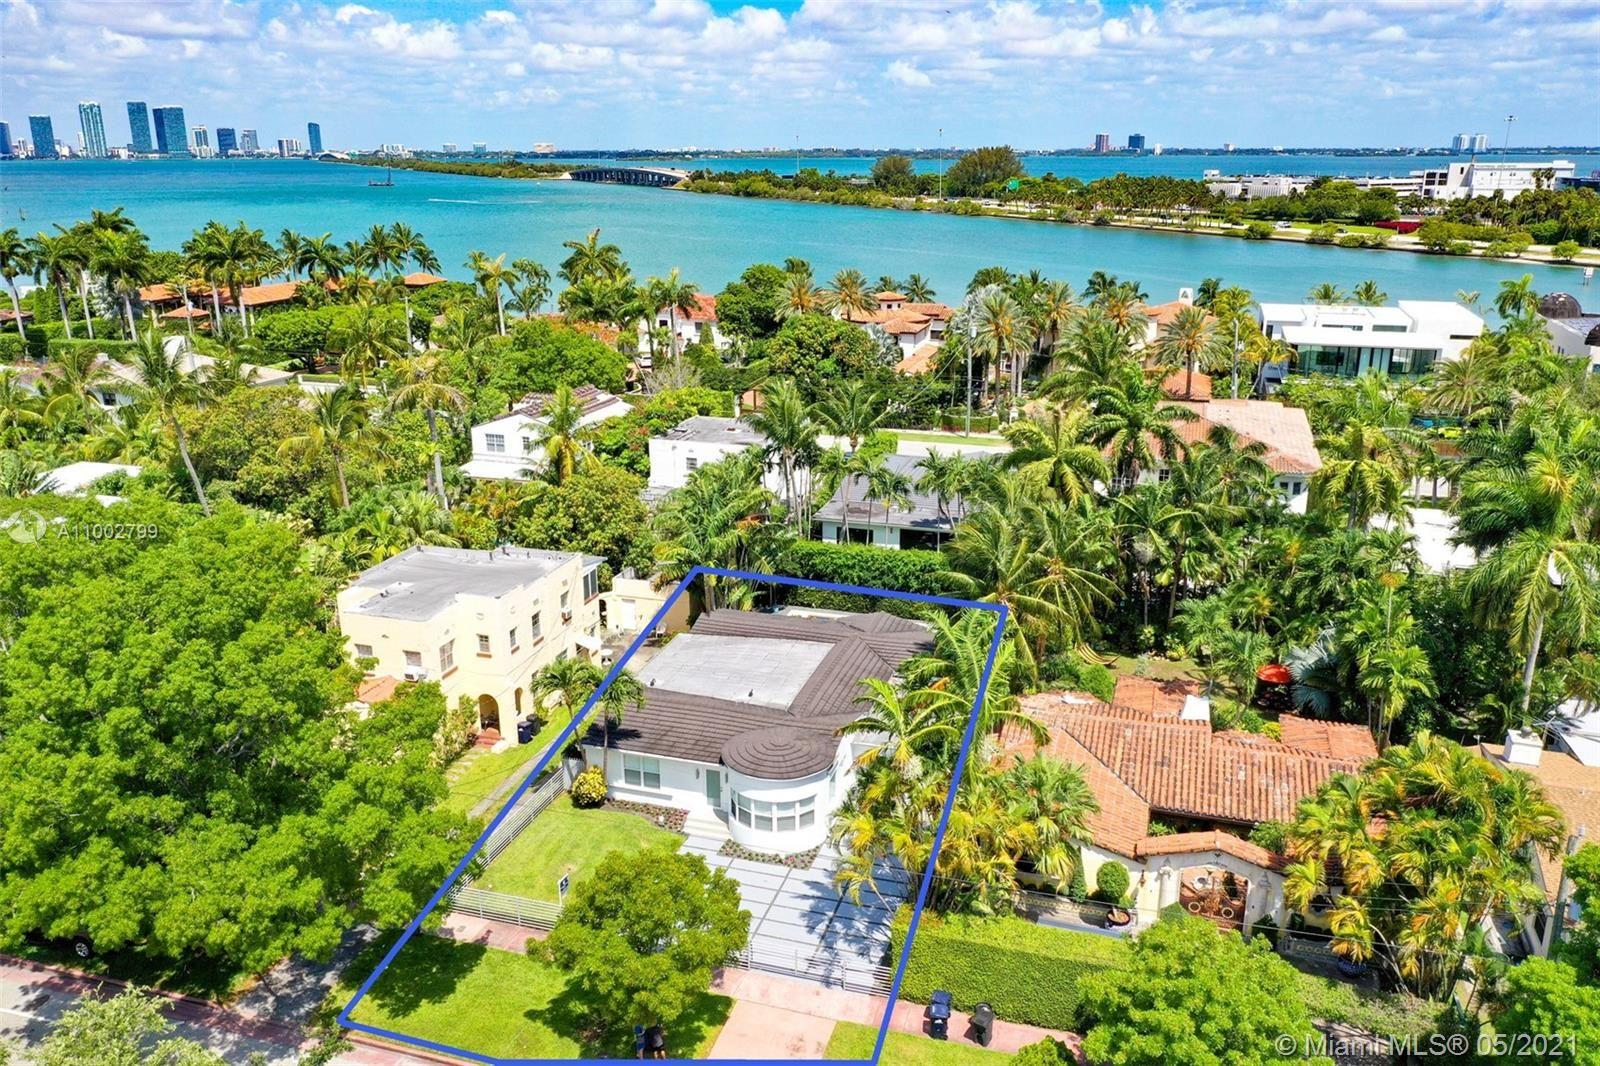 3020 Alton Rd, Miami Beach, FL 33140 - #: A11002799